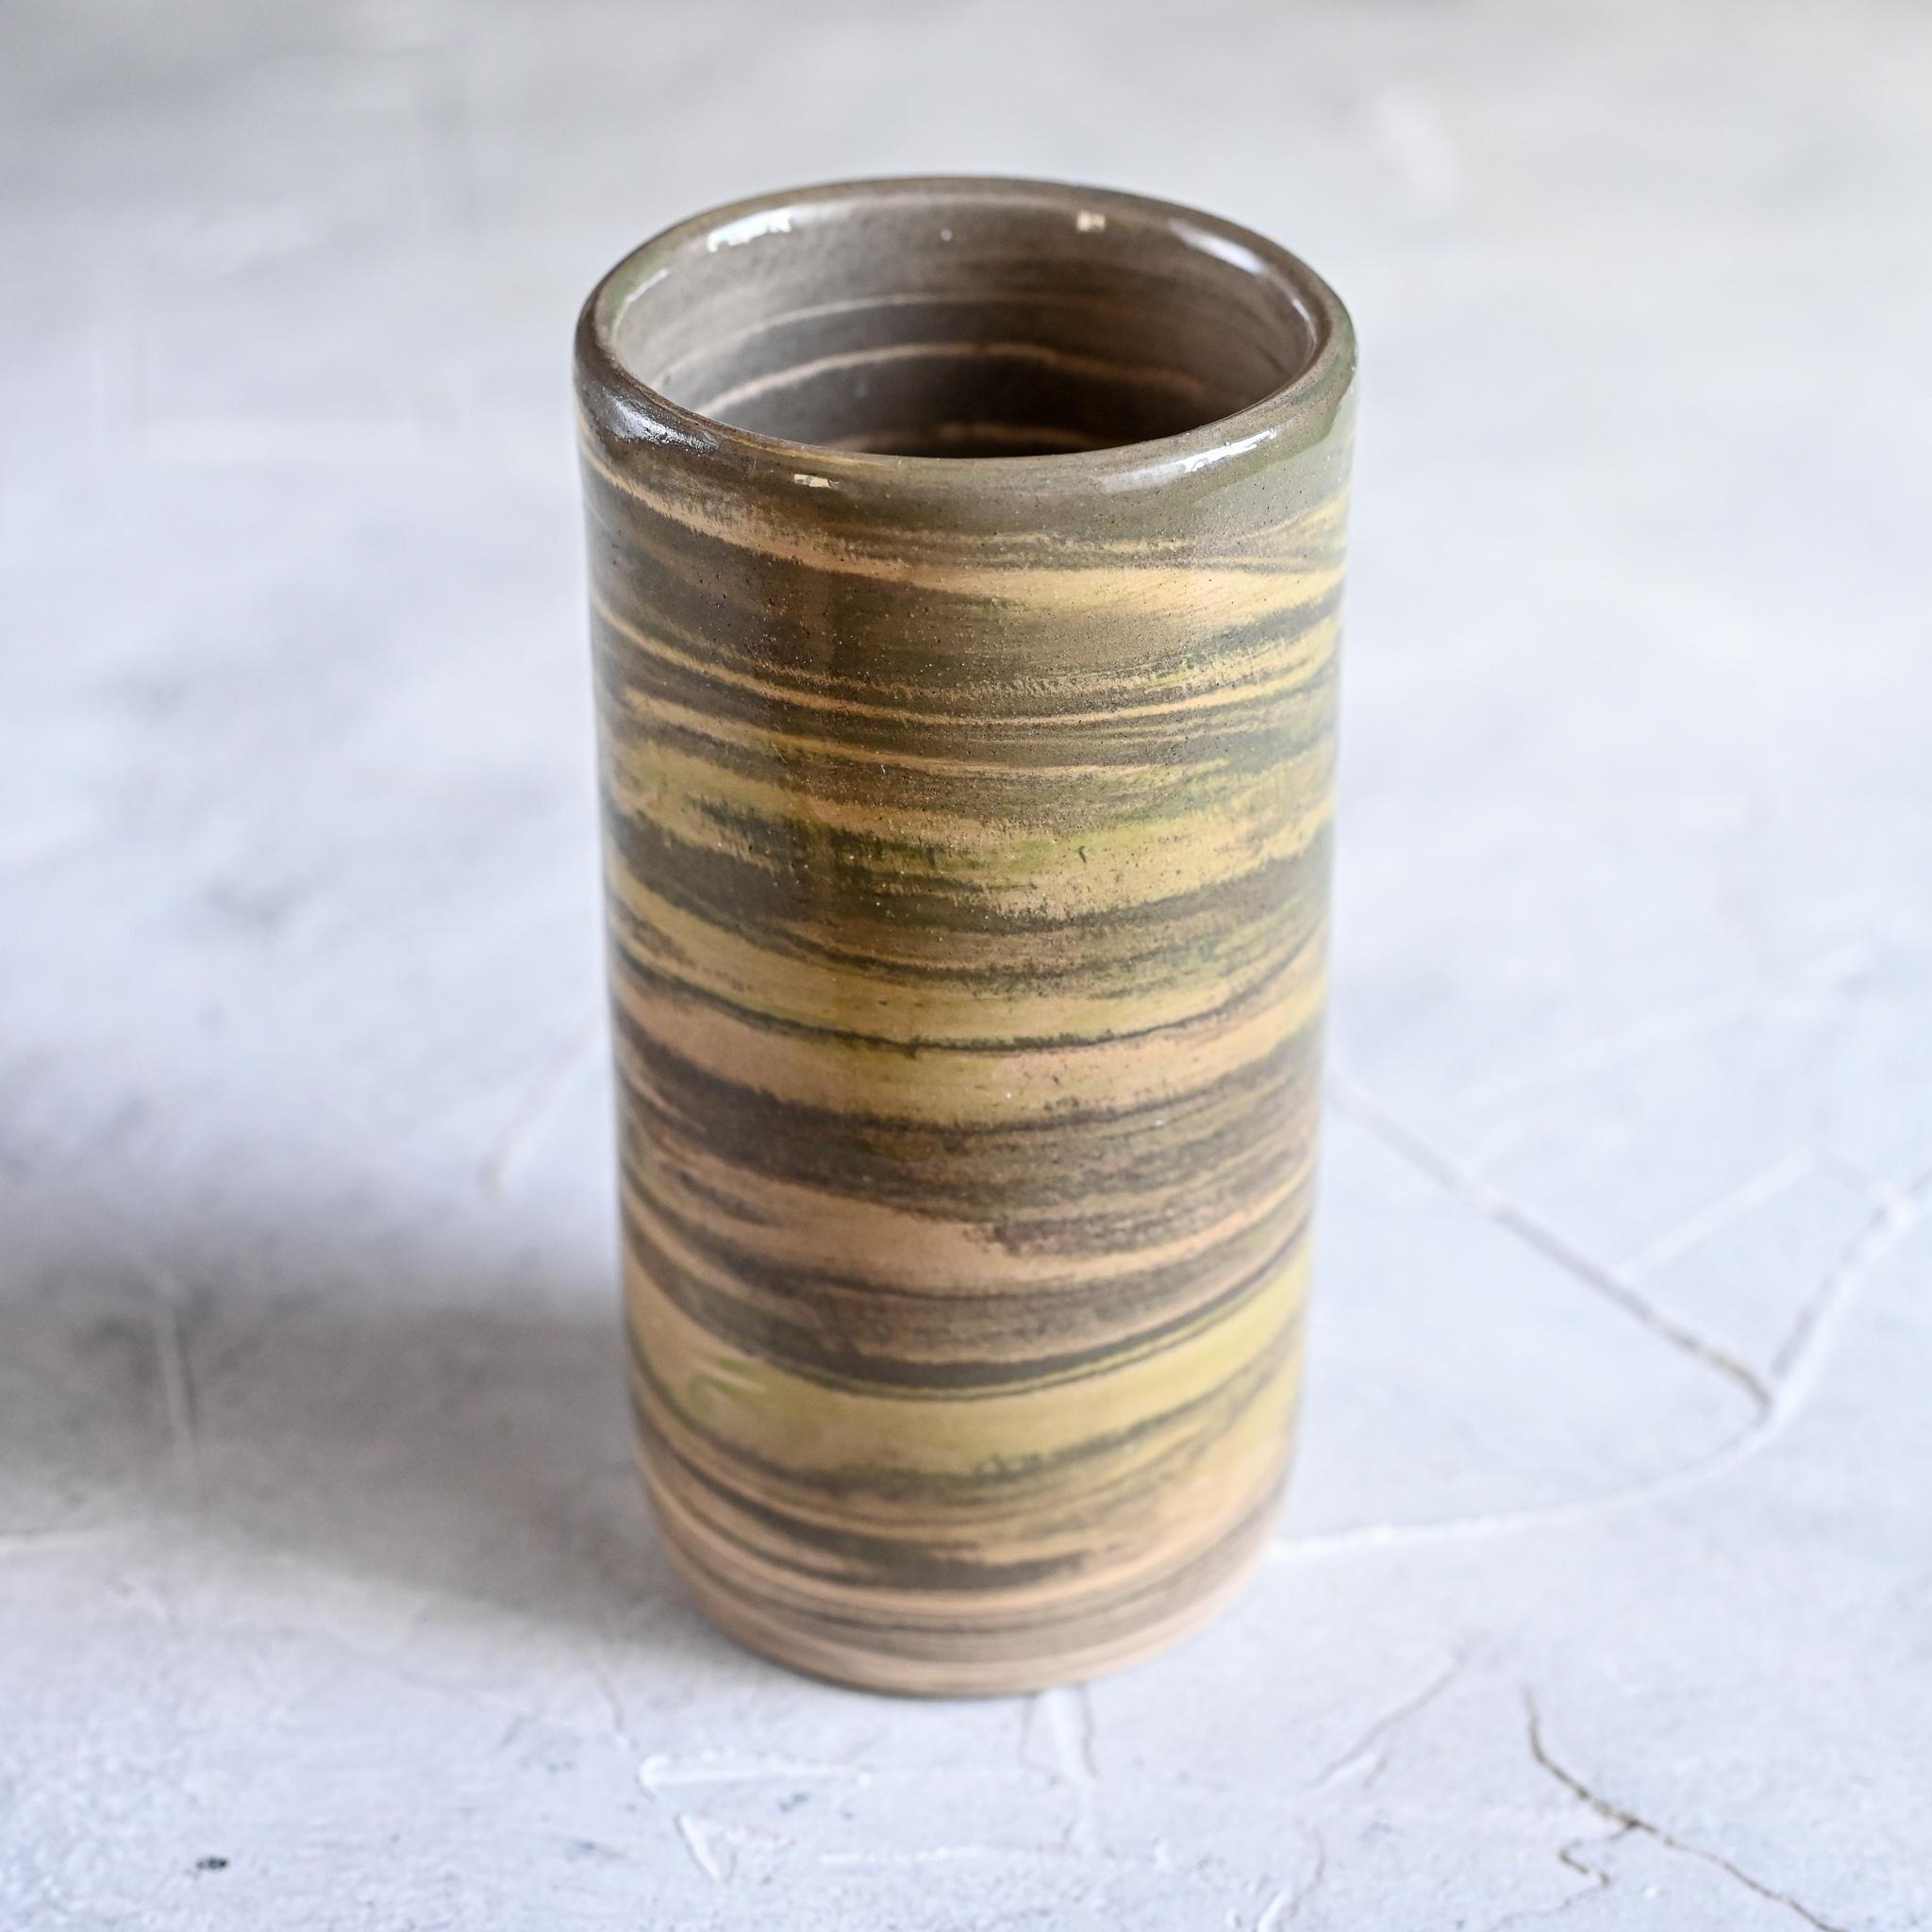 картинка Керамический стакан в технике нерияге 2 - DishWishes.Ru